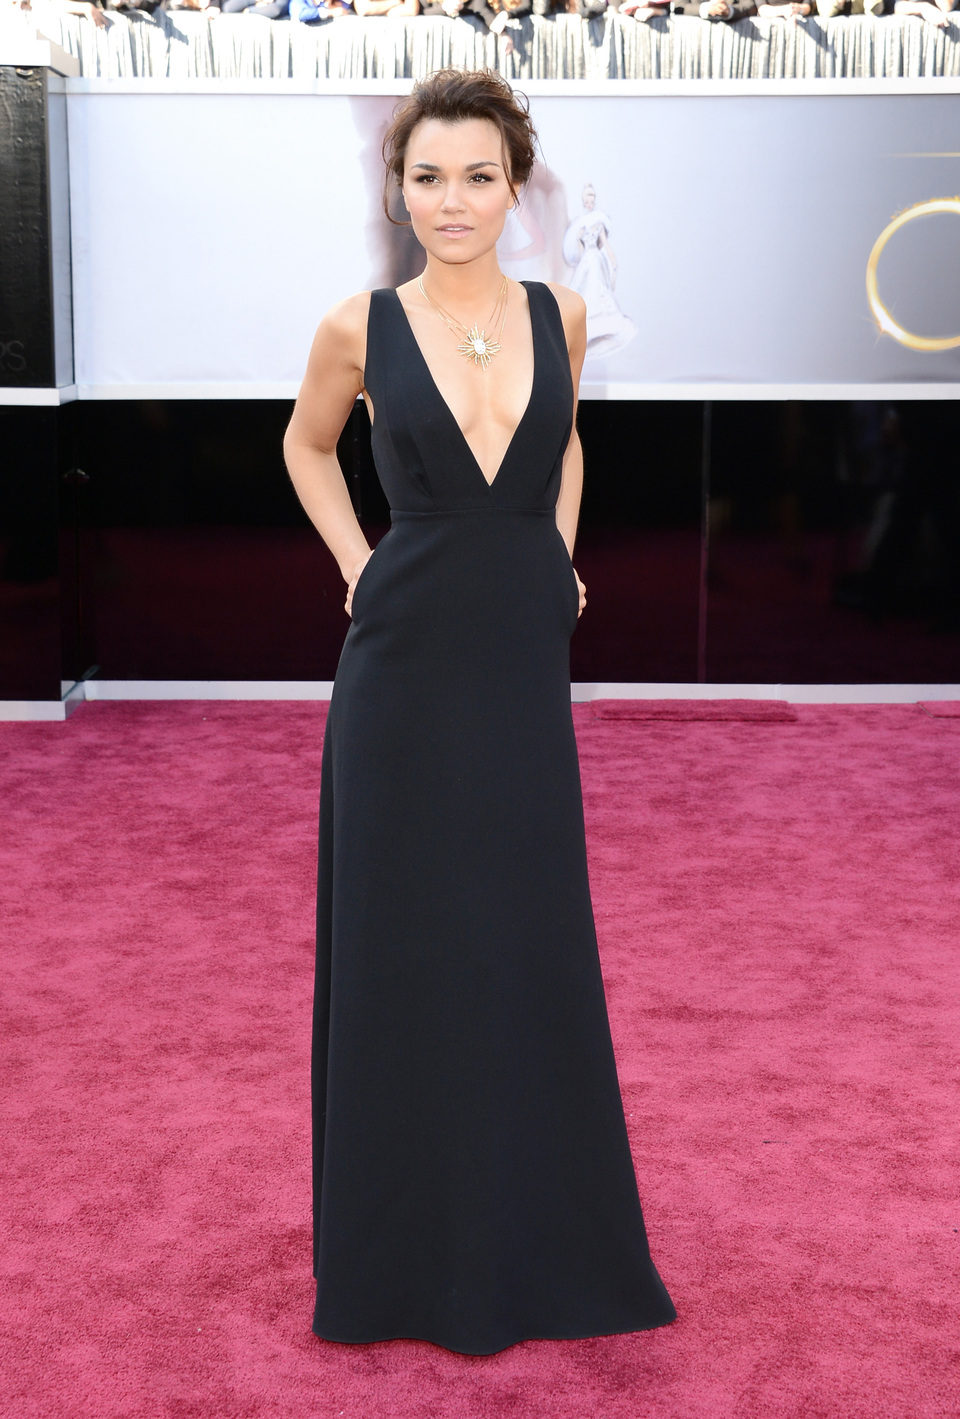 Samantha Barks en la alfombra roja de los Oscar 2013